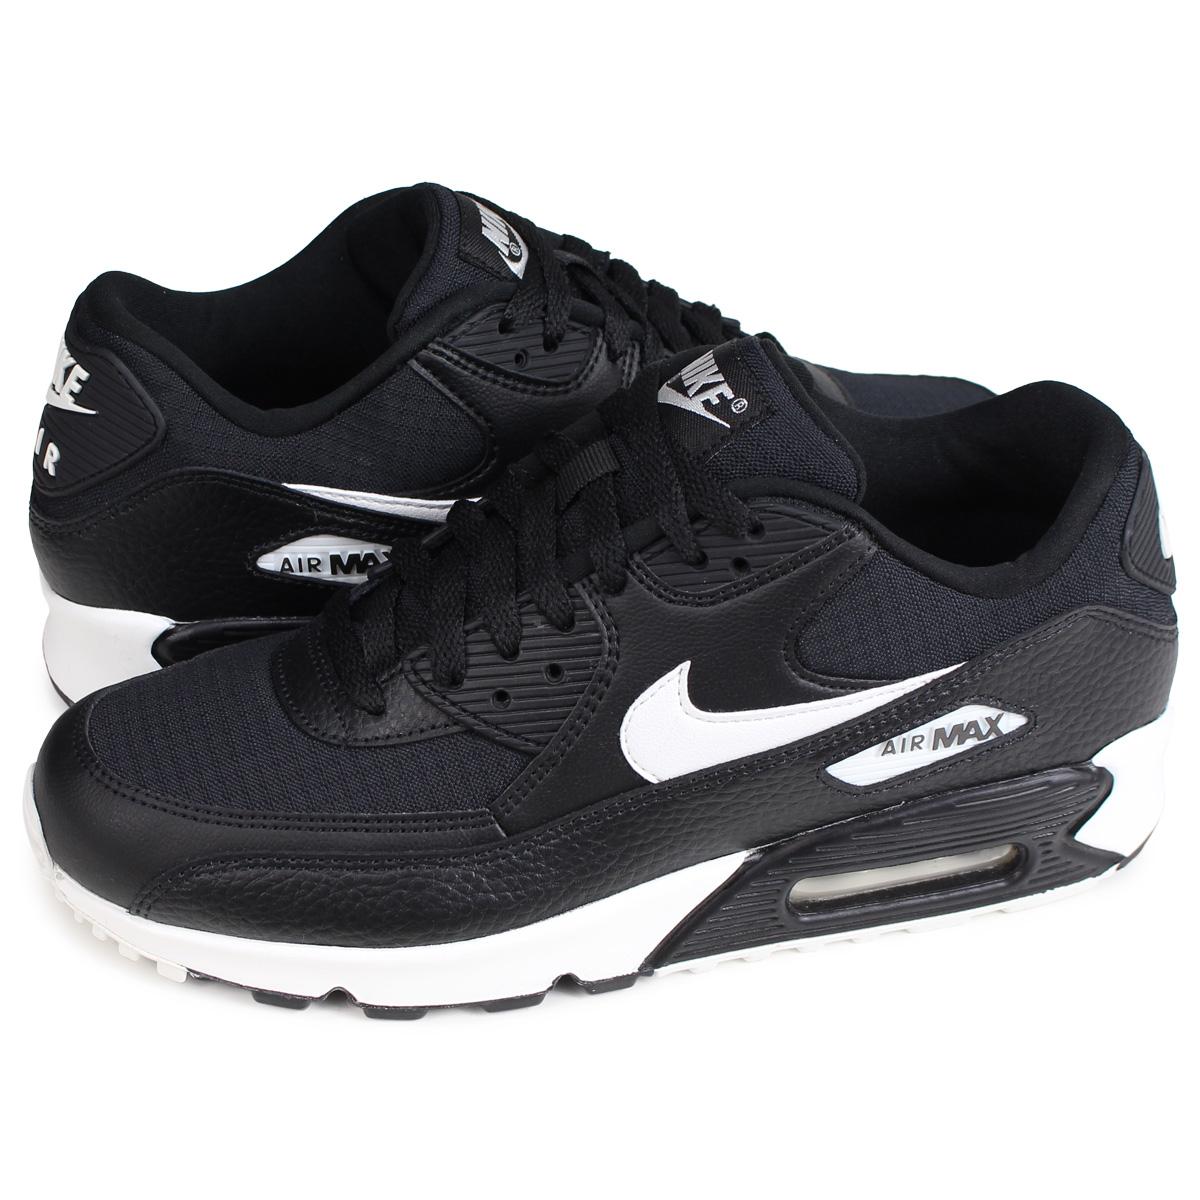 Unisex Nike Air Max 90 Essential 325213 060 Alle Schwarz Weiß